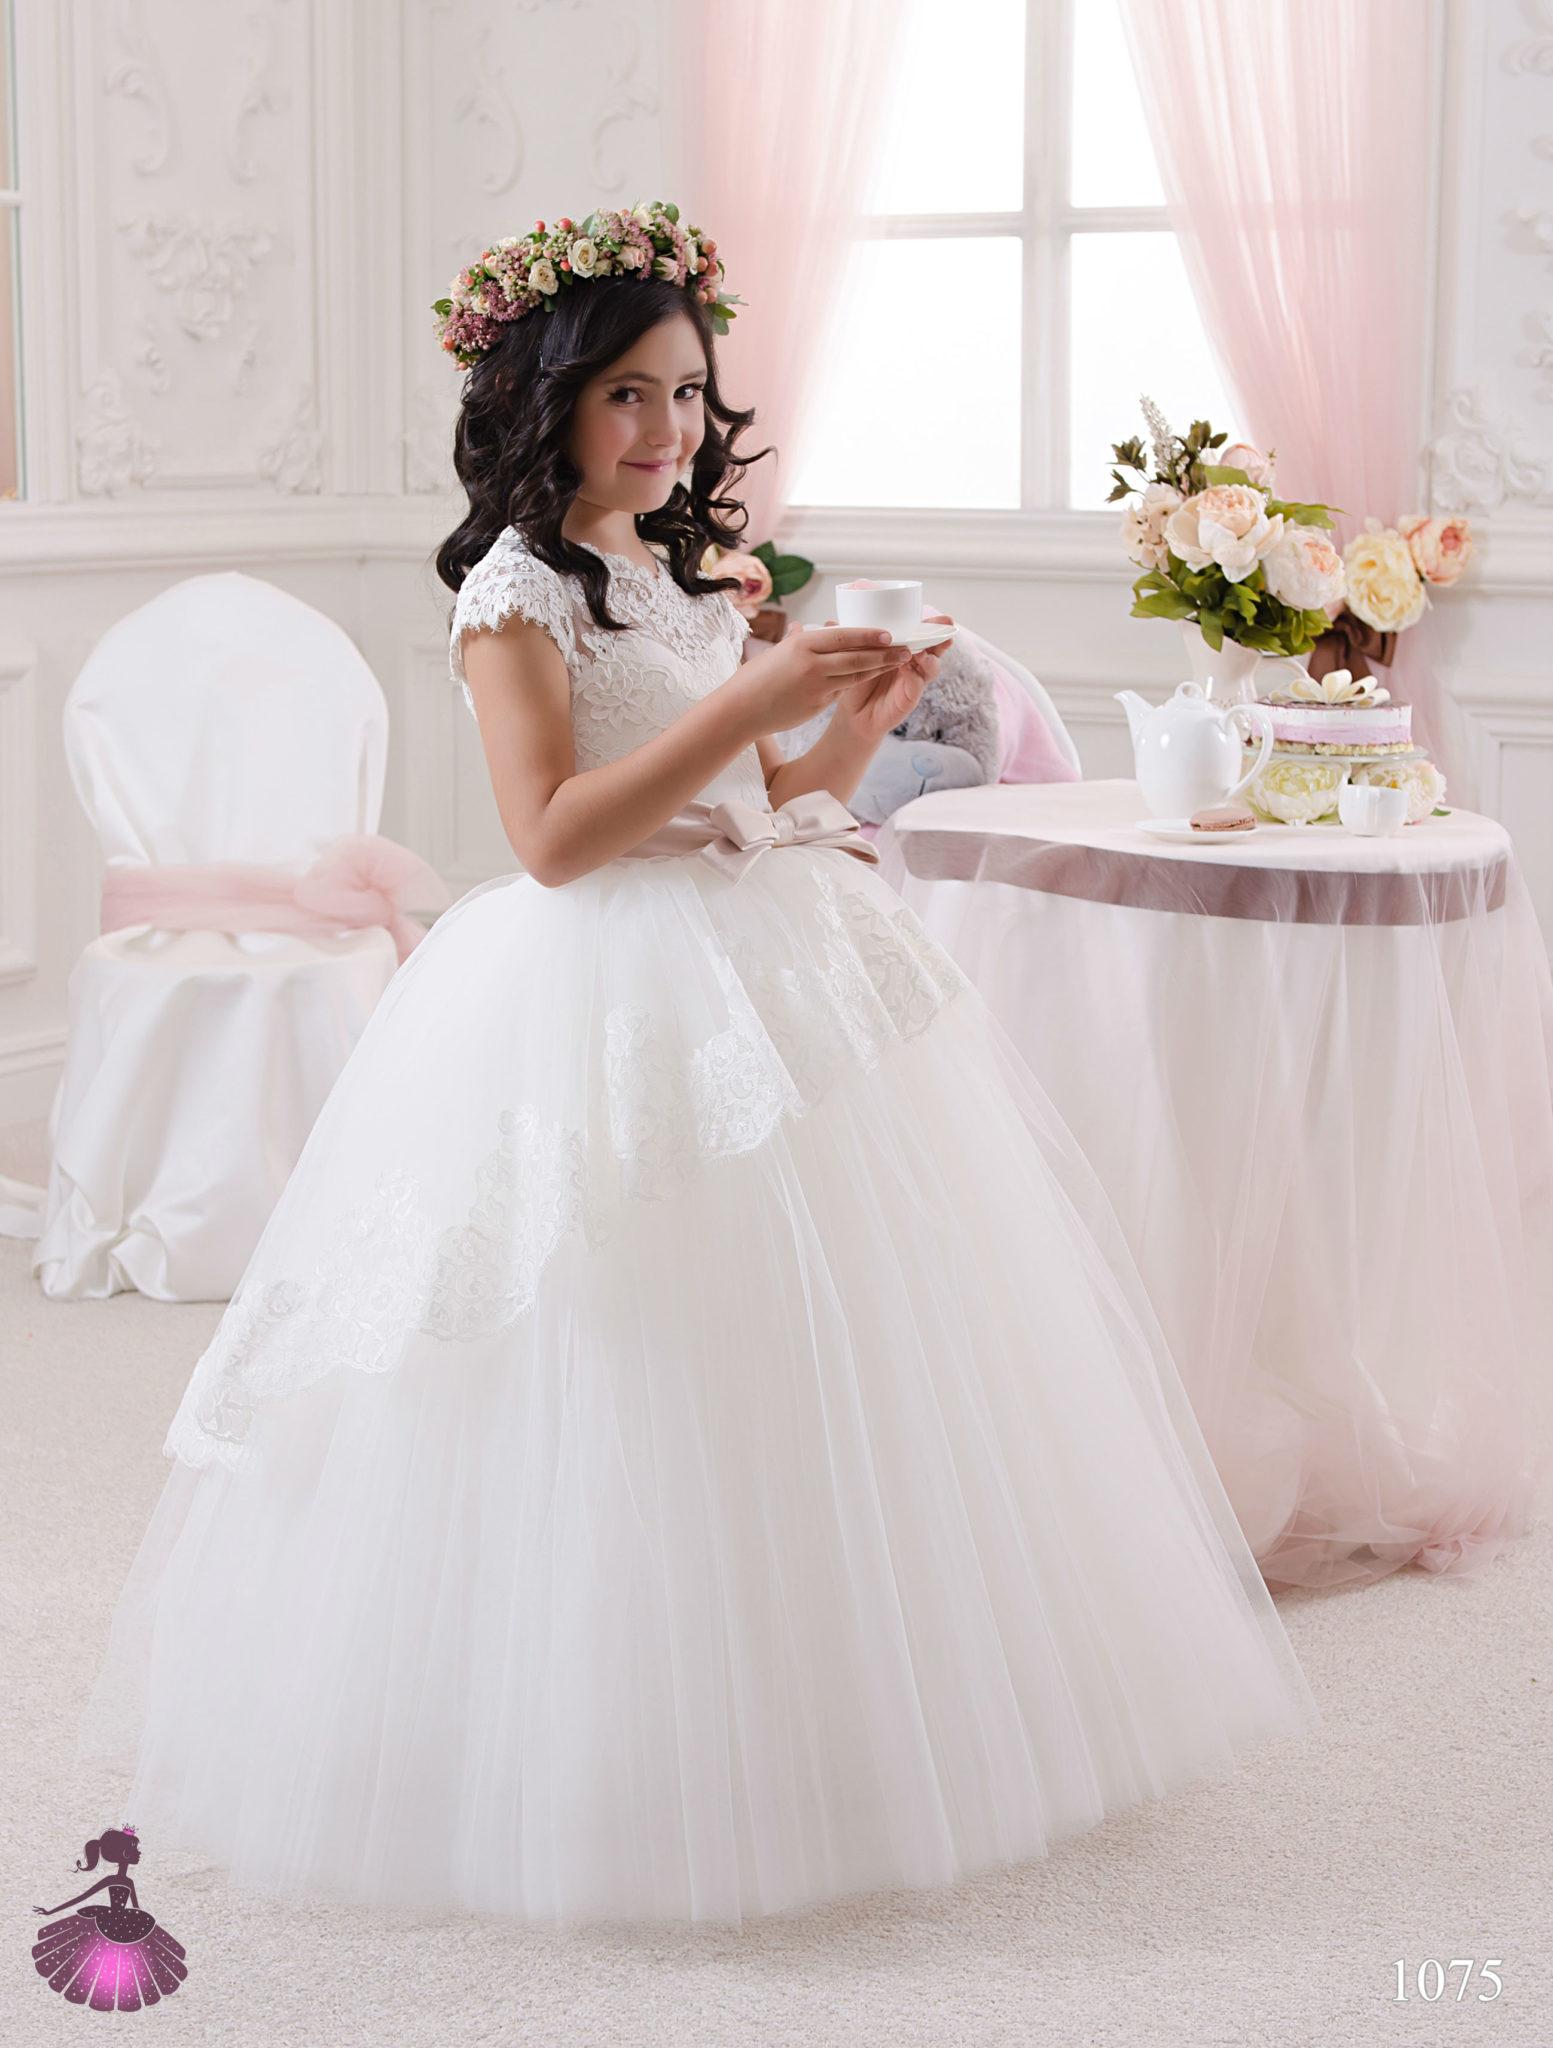 Аренда платьев Little queen dress в фотостудии Frontpage 1075_(2)